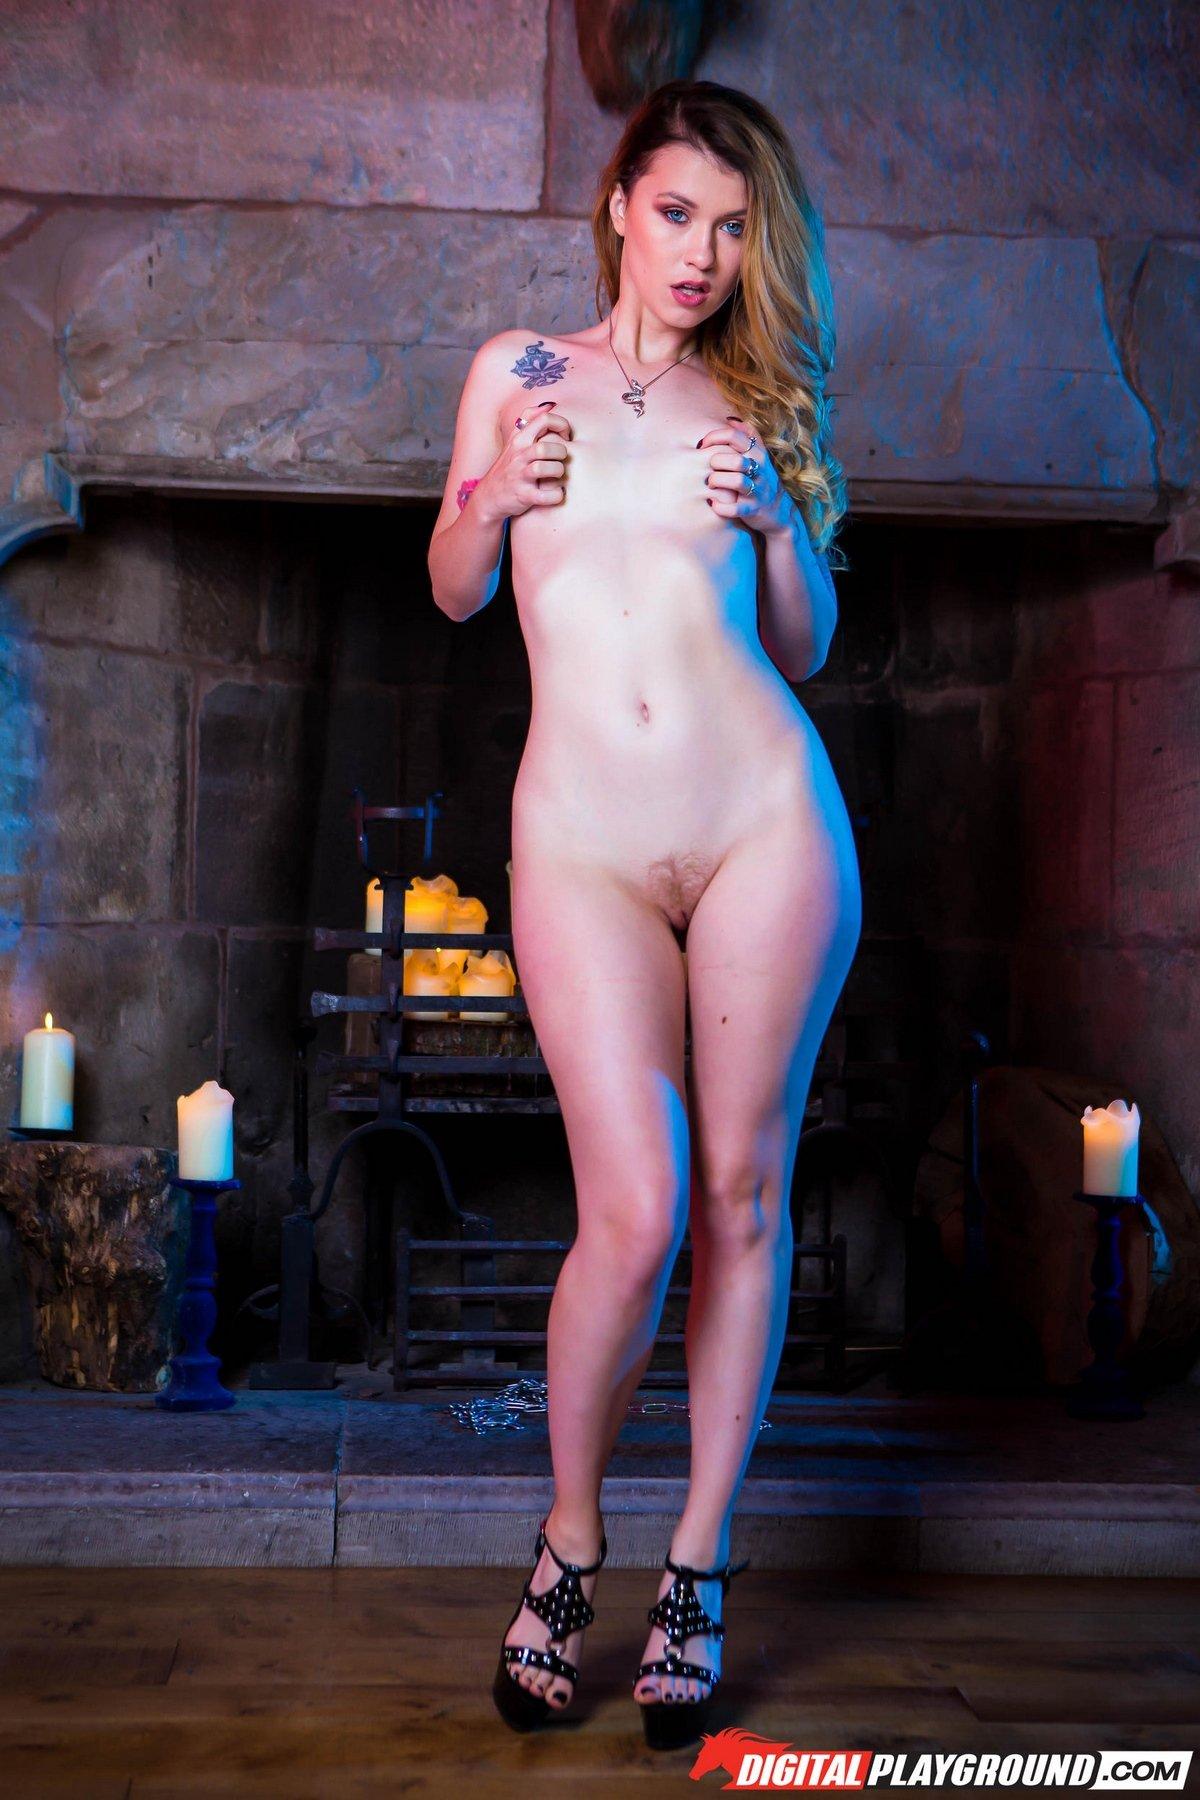 Похотливая блондинка в светлых чулочках возле камина смотреть эротику